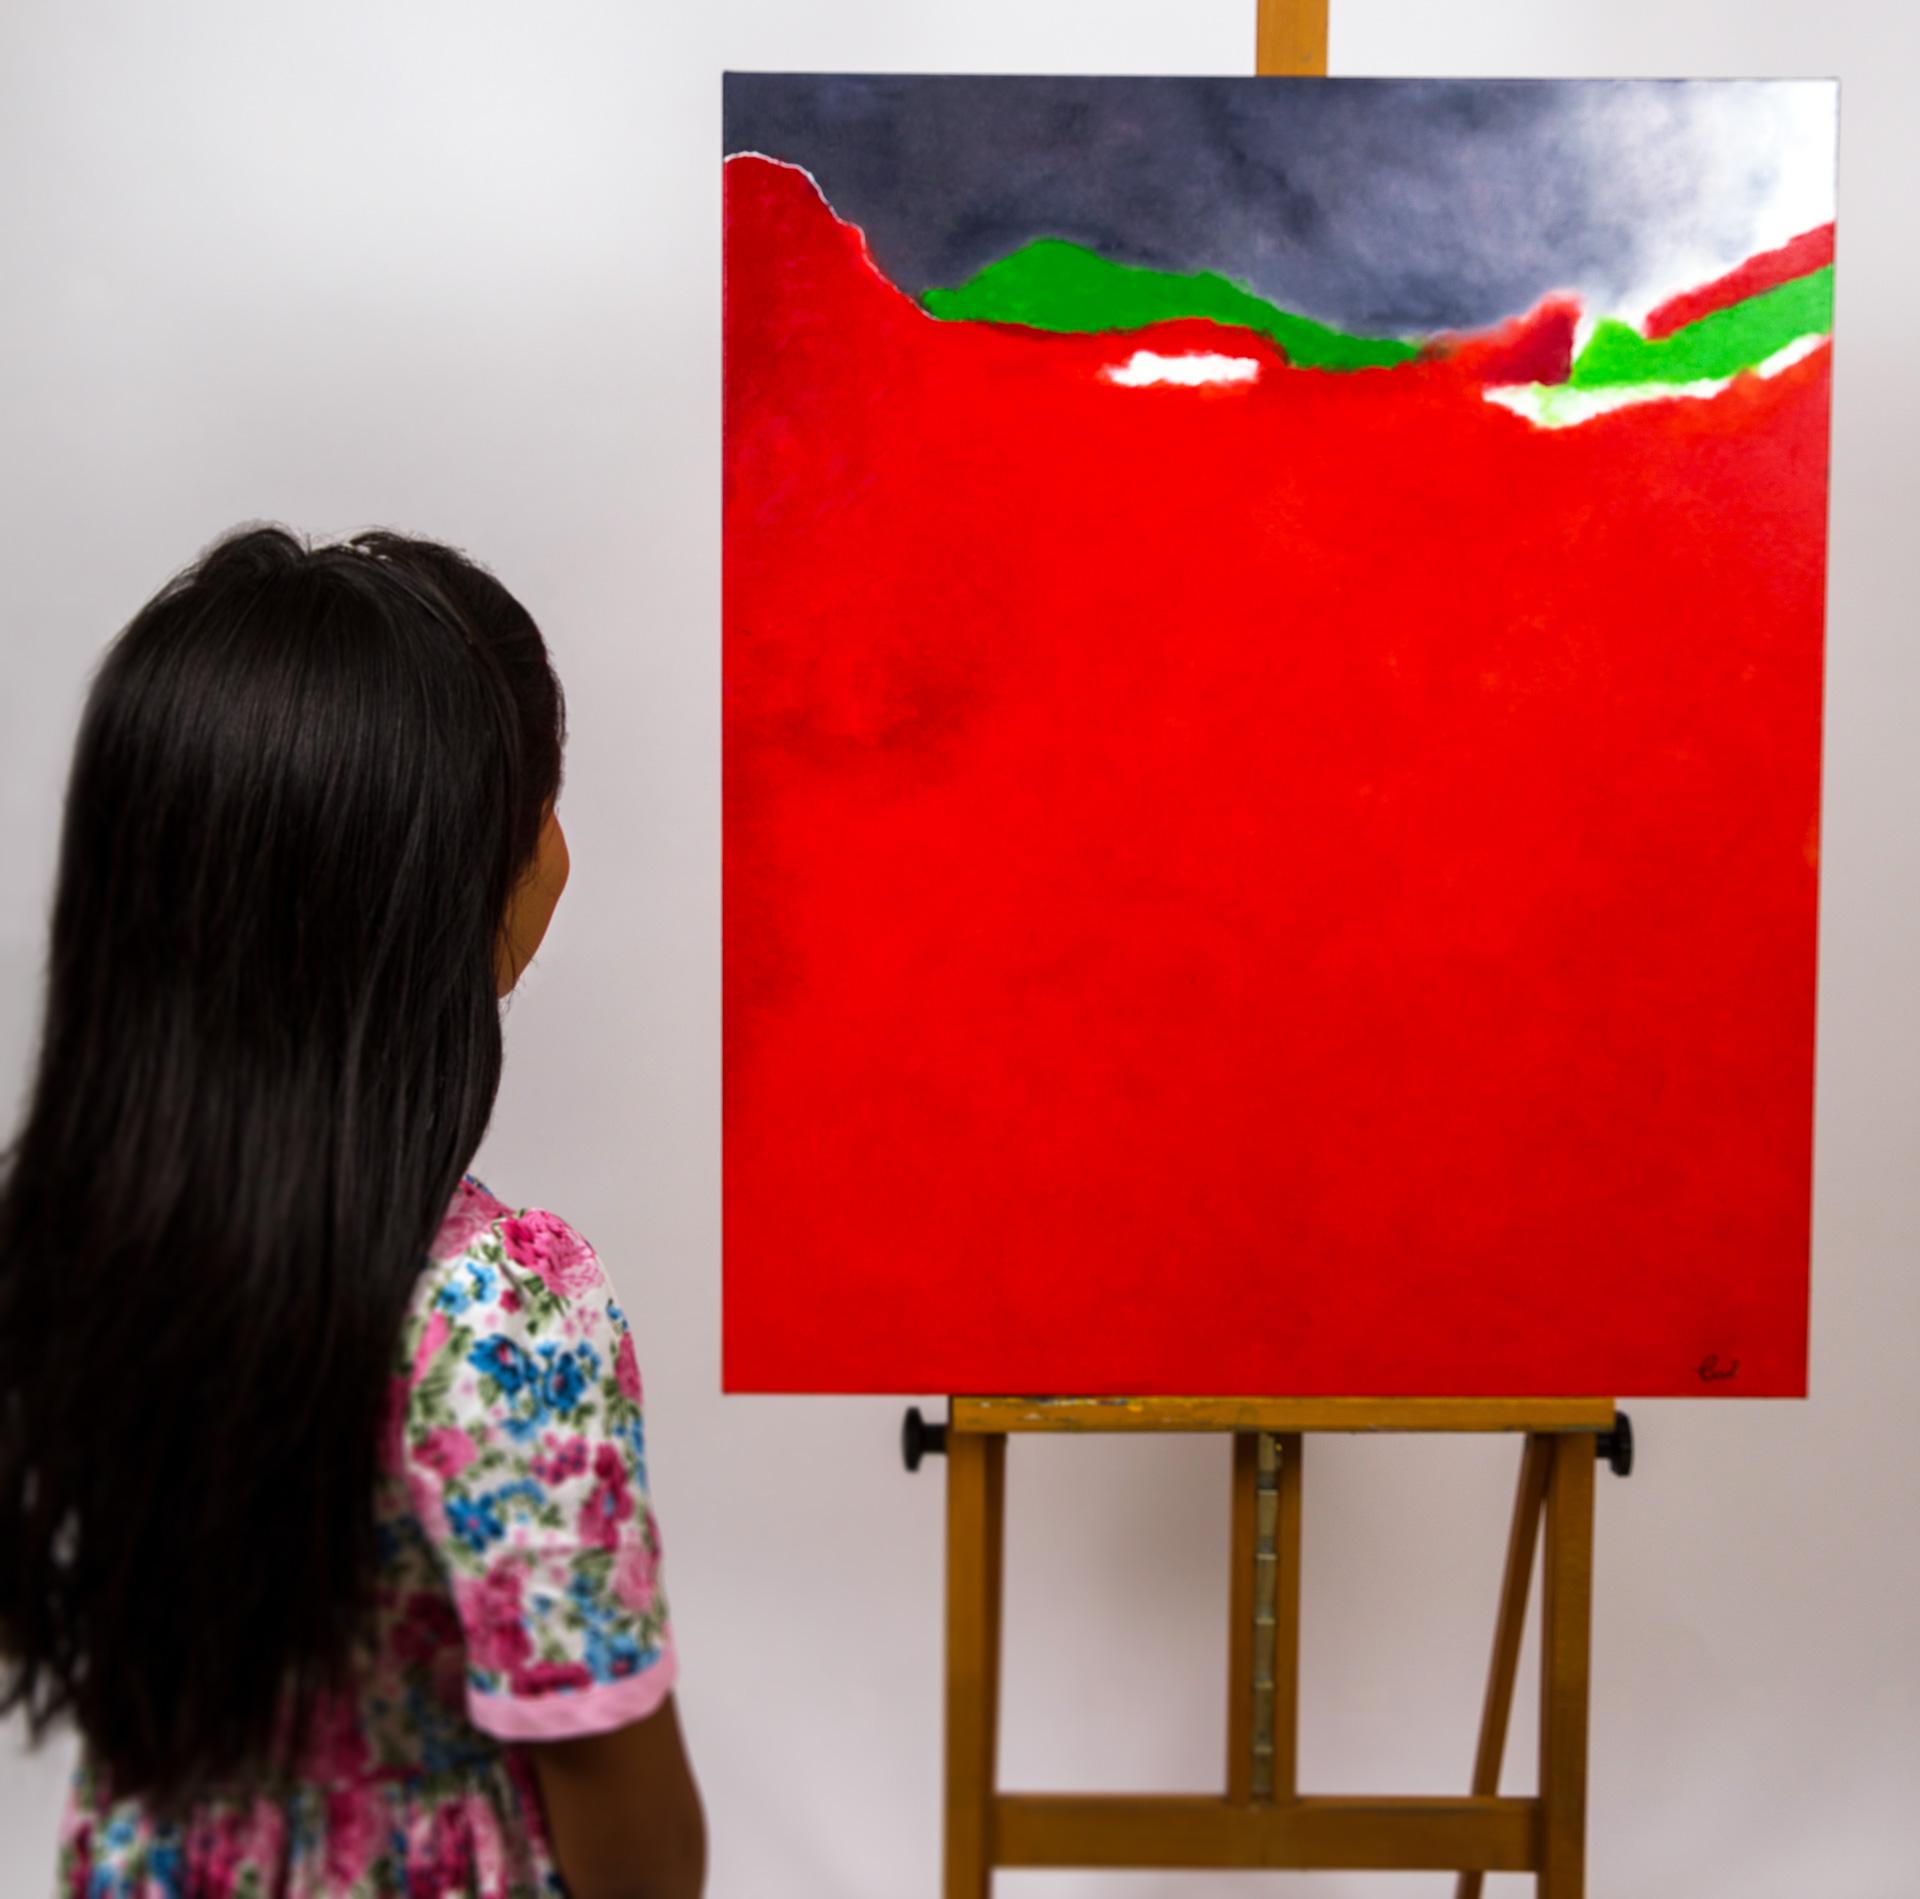 Maryse Casol, peinture Essence Poétique, Passion, 2020, Valentina Casol